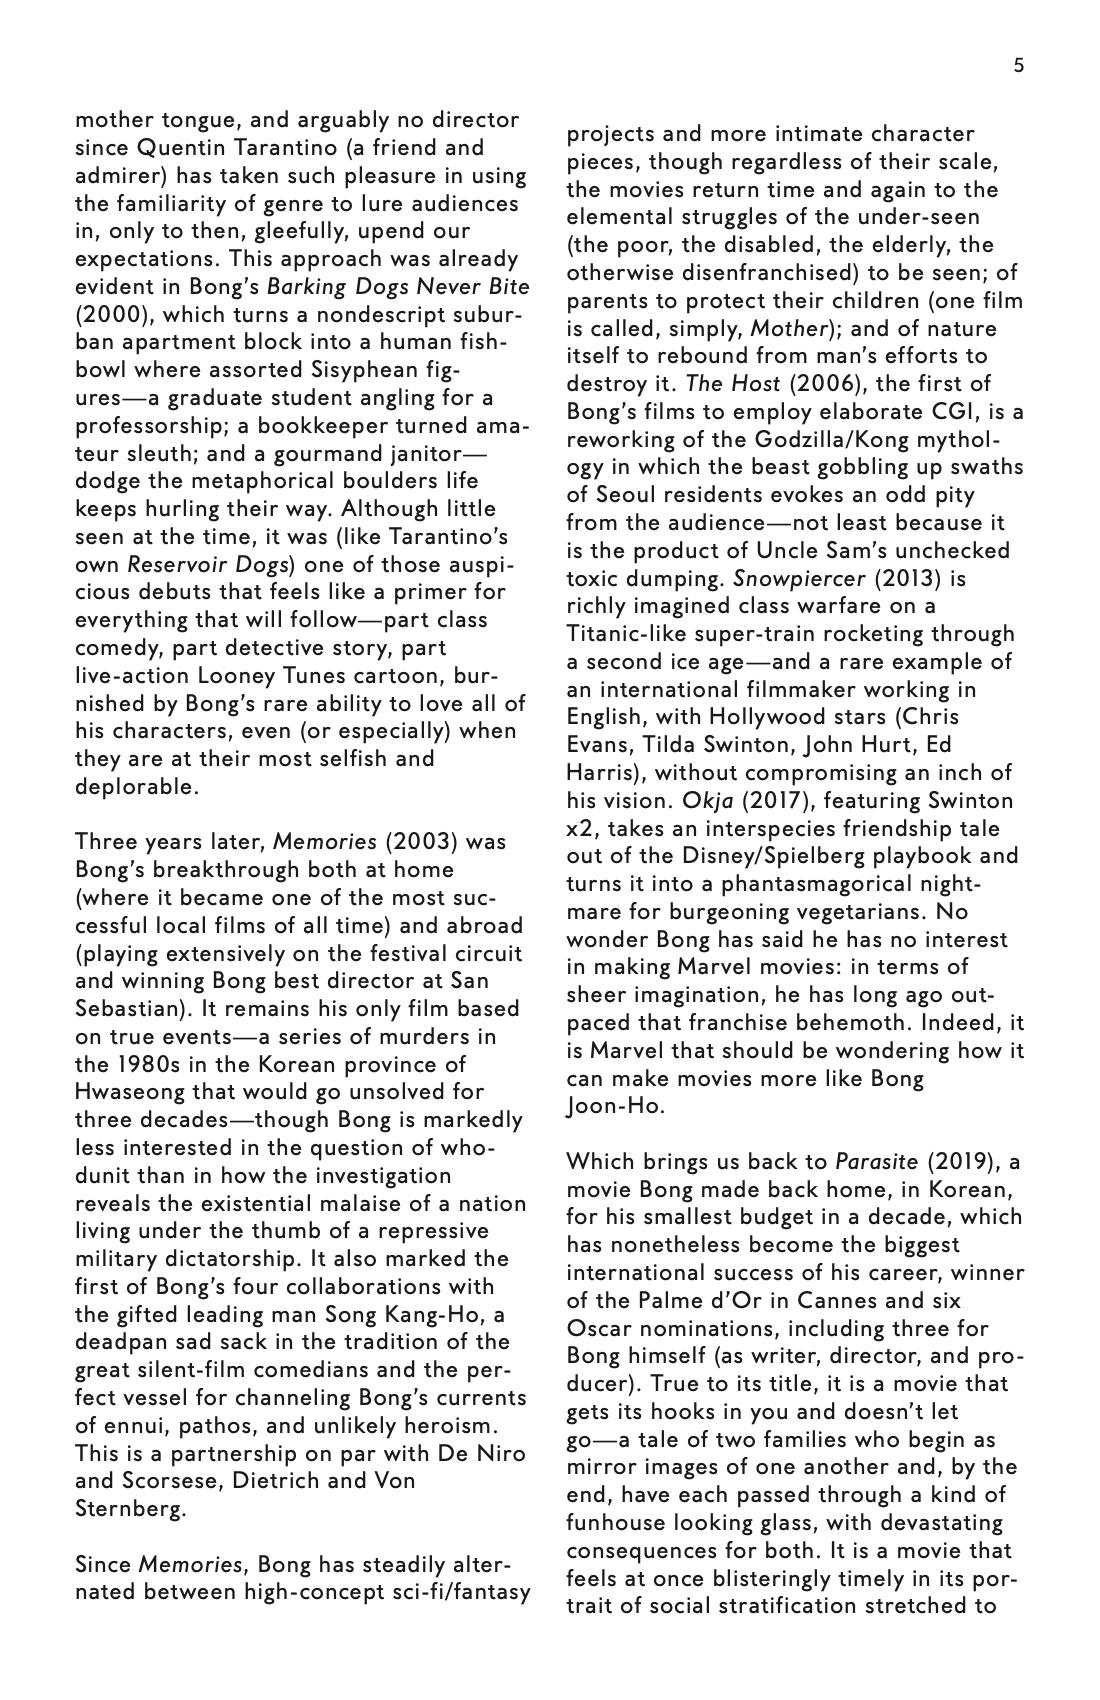 Bong Joon Ho Dialogue brochure page 5